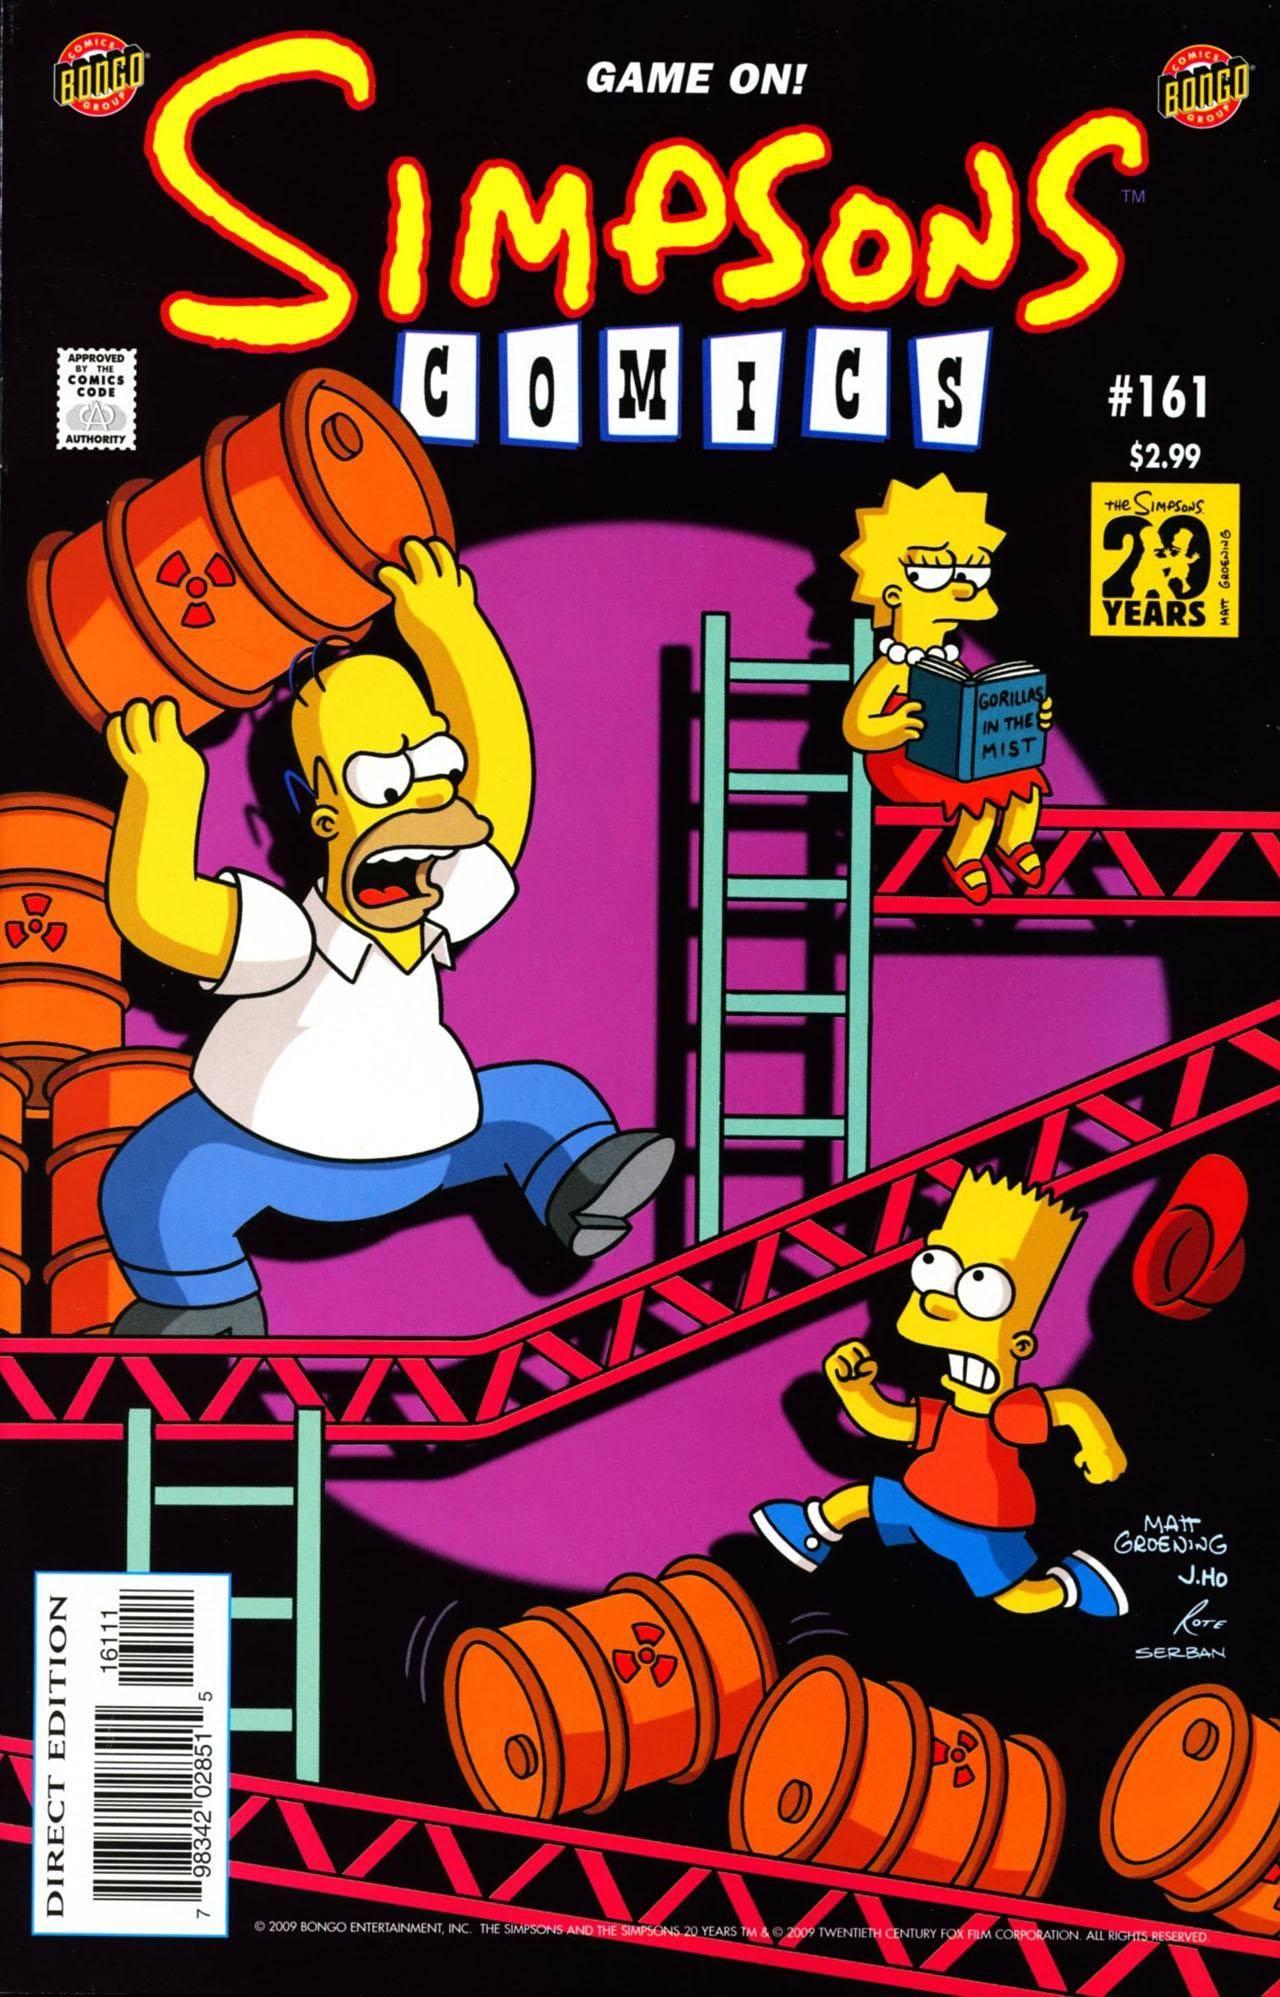 Simpsons Comics 161